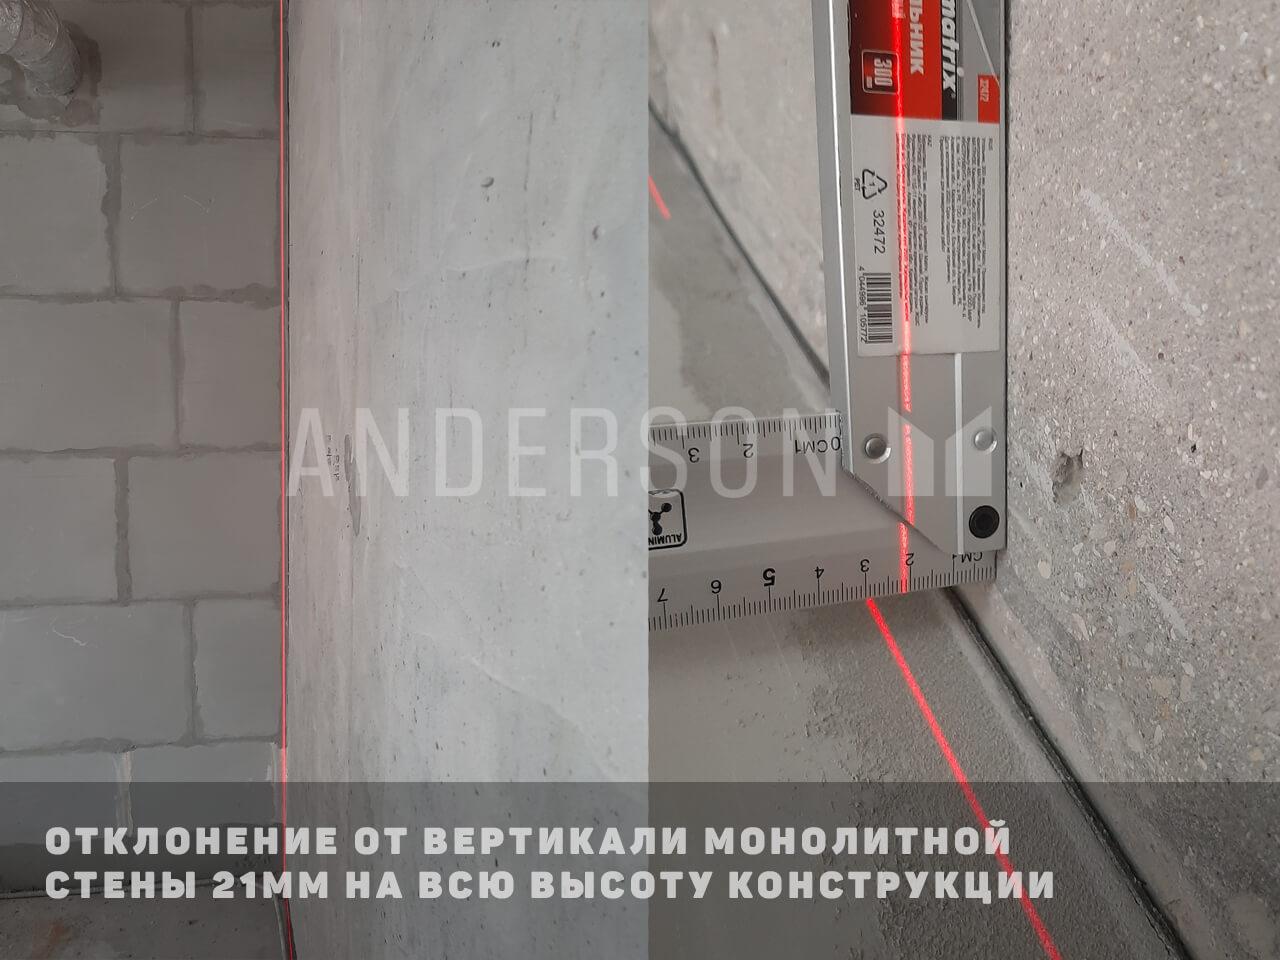 отклонение монолитной стены от вертикали